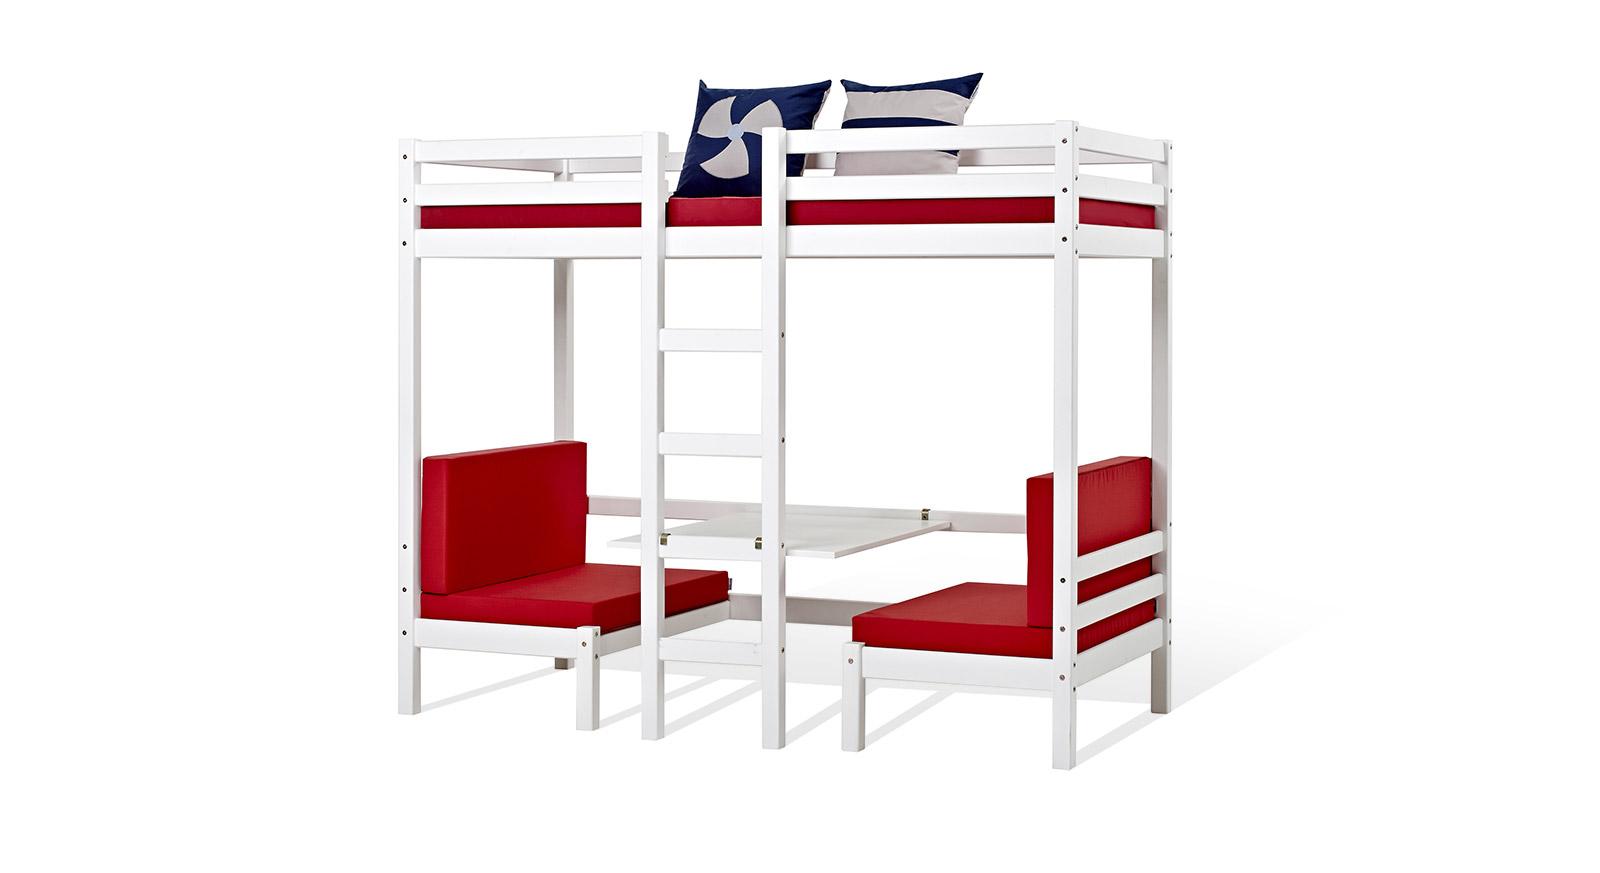 Hoch- und Etagenbett Kids Heaven mit Sitzgruppe zum Umbauen